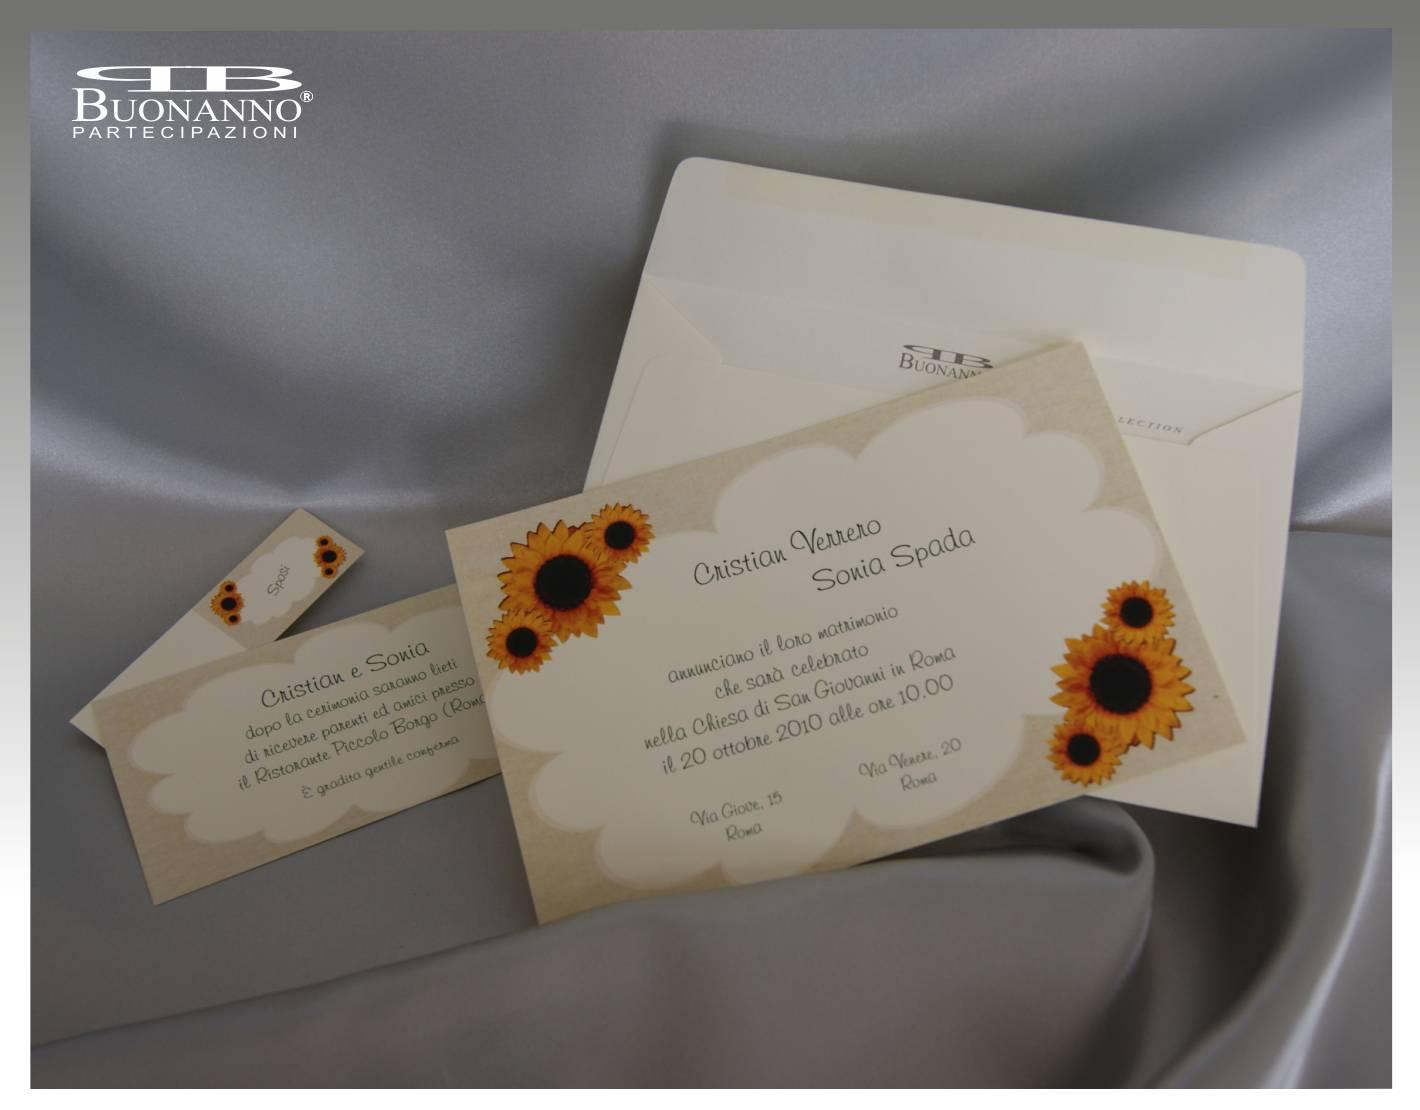 Partecipazione Matrimonio Girasoli : Inviti matrimonio con girasoli